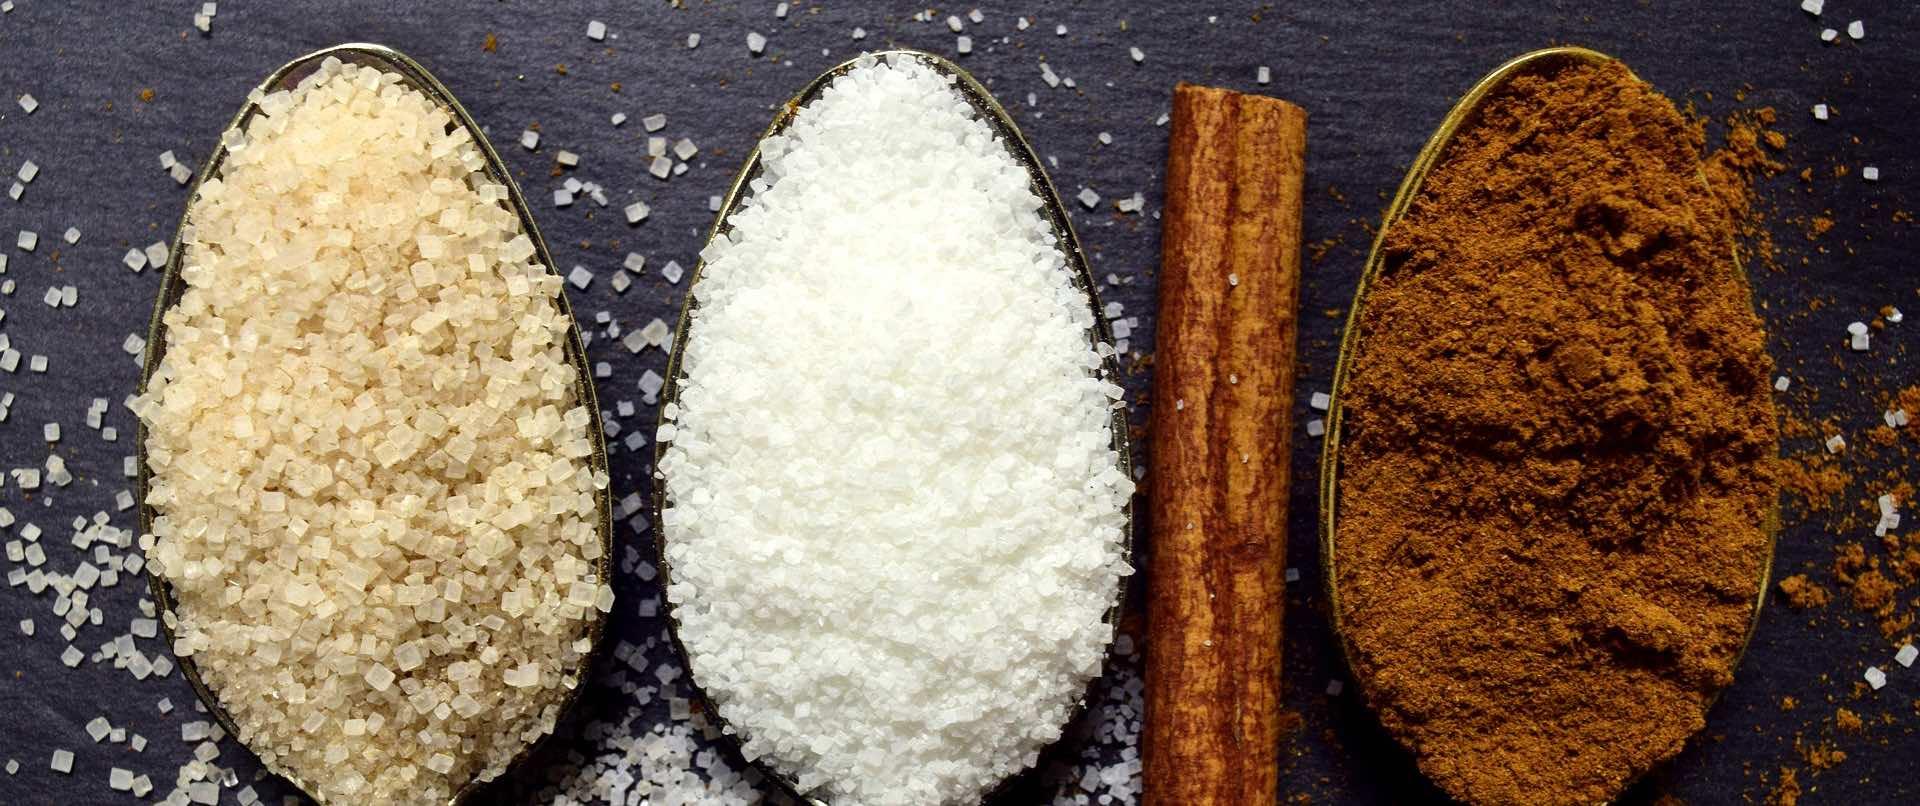 蔗糖、蜂蜜和黑糖誰營養?超級比一比